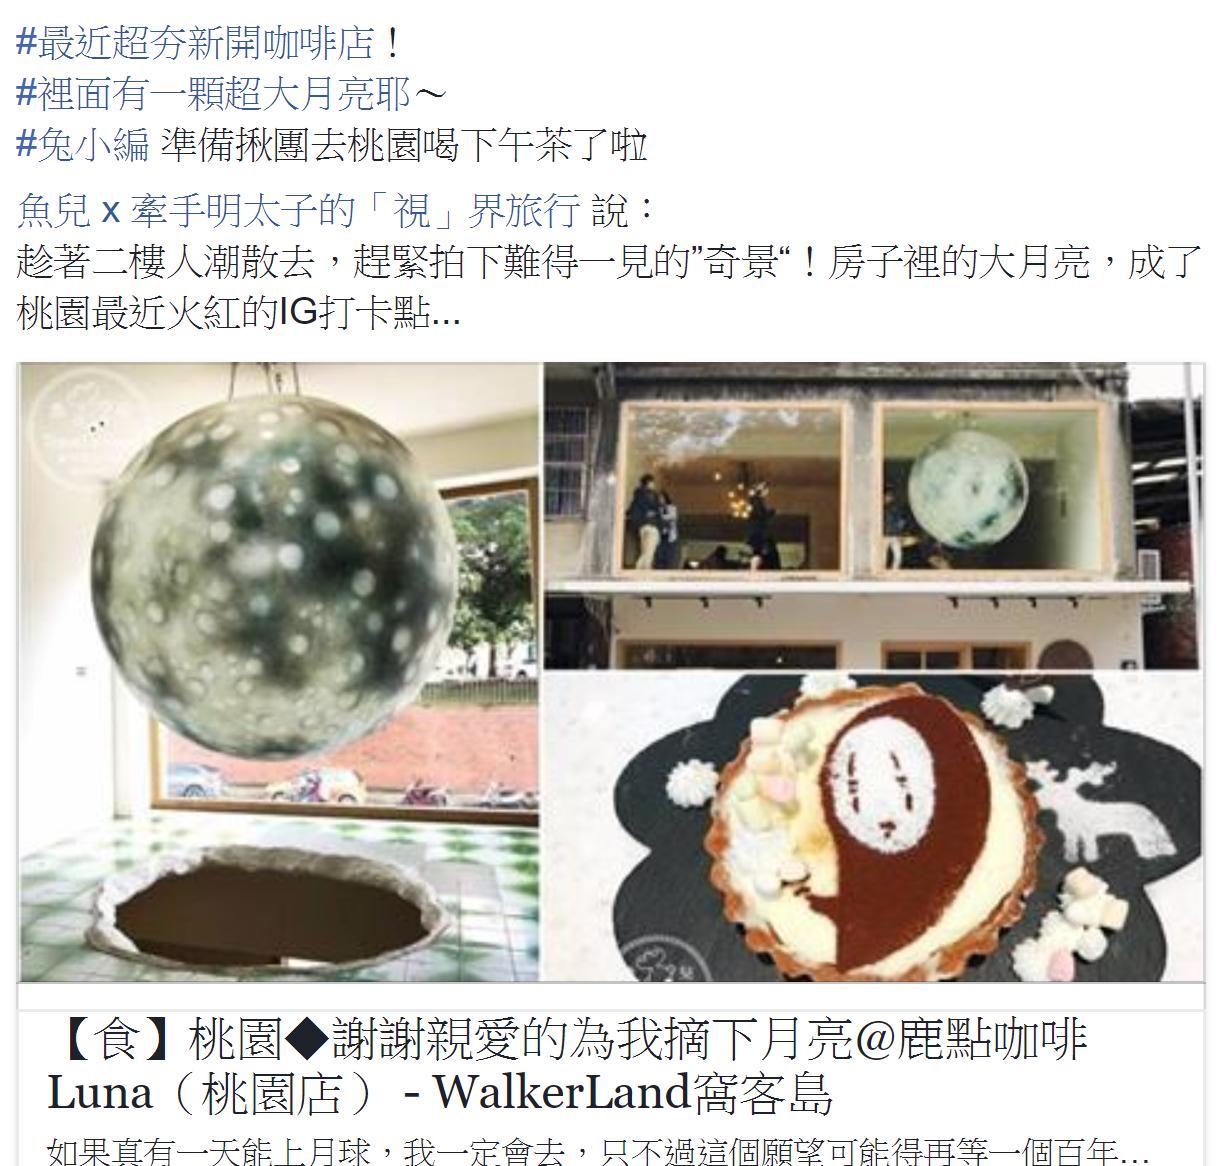 鹿點咖啡Luna(桃園店)|謝謝親愛的為我摘下月亮 @魚兒 x 牽手明太子的「視」界旅行